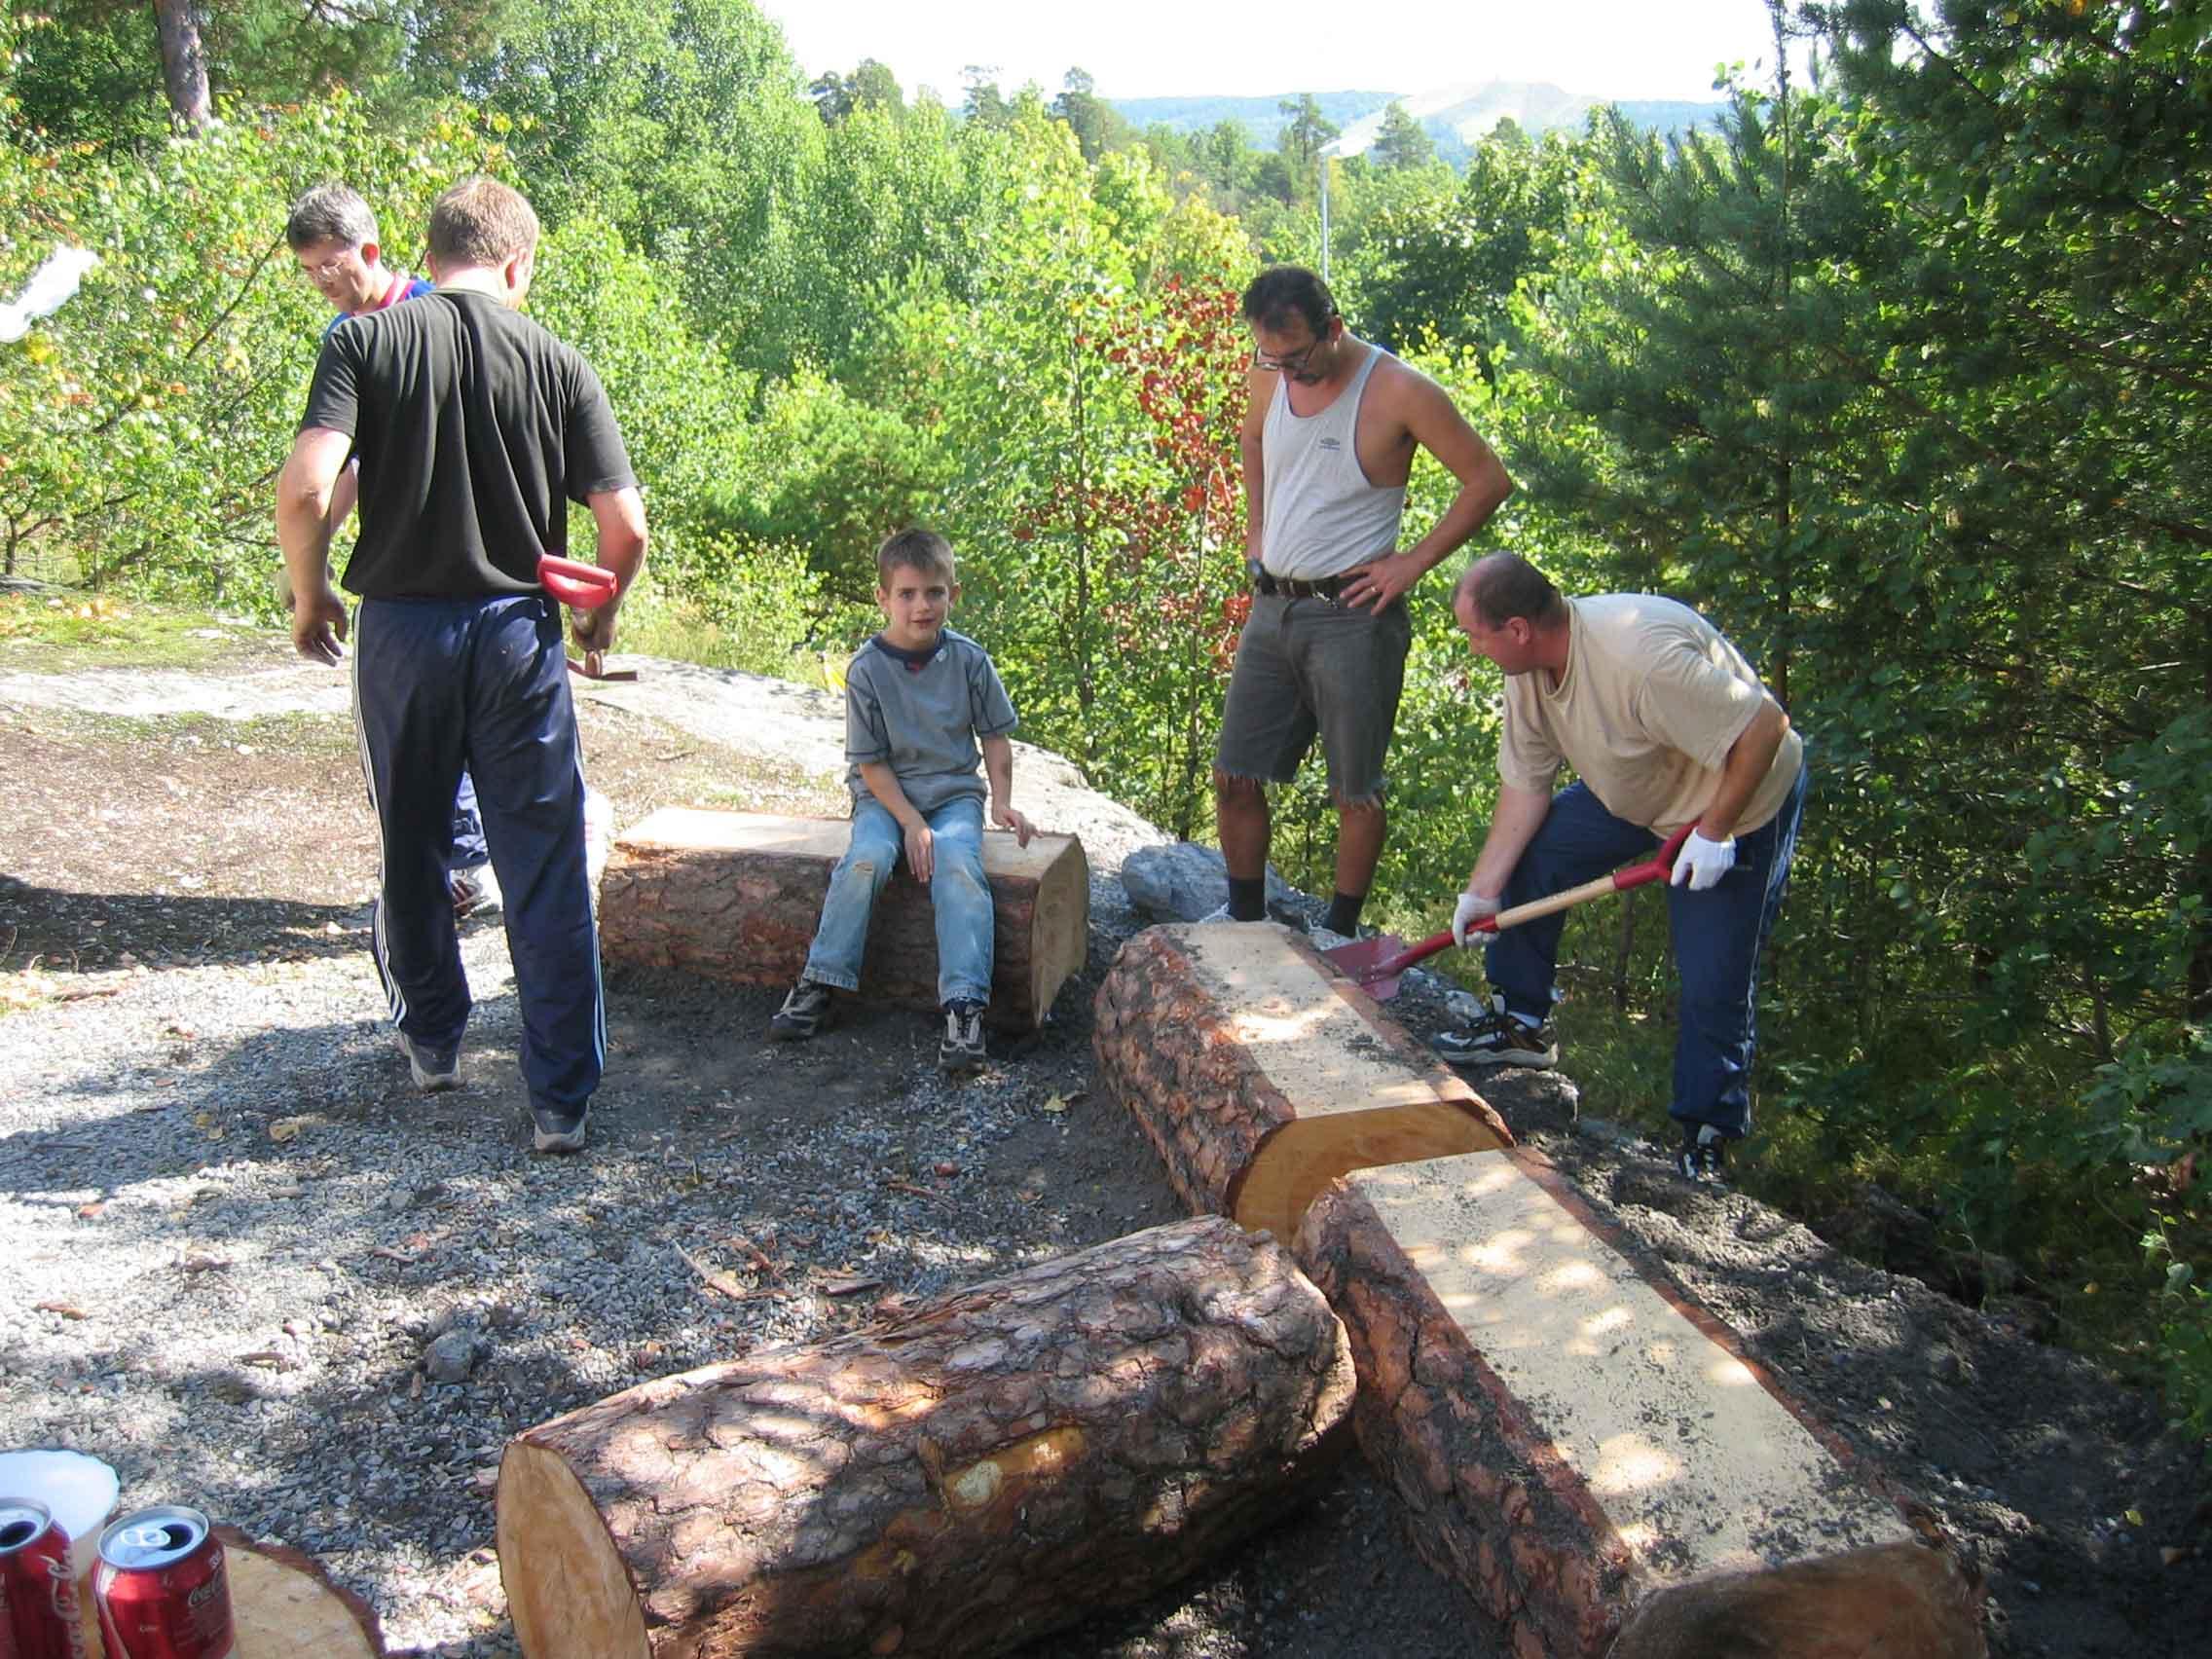 VÃ¥r vakuf   projekt trappan, 2004